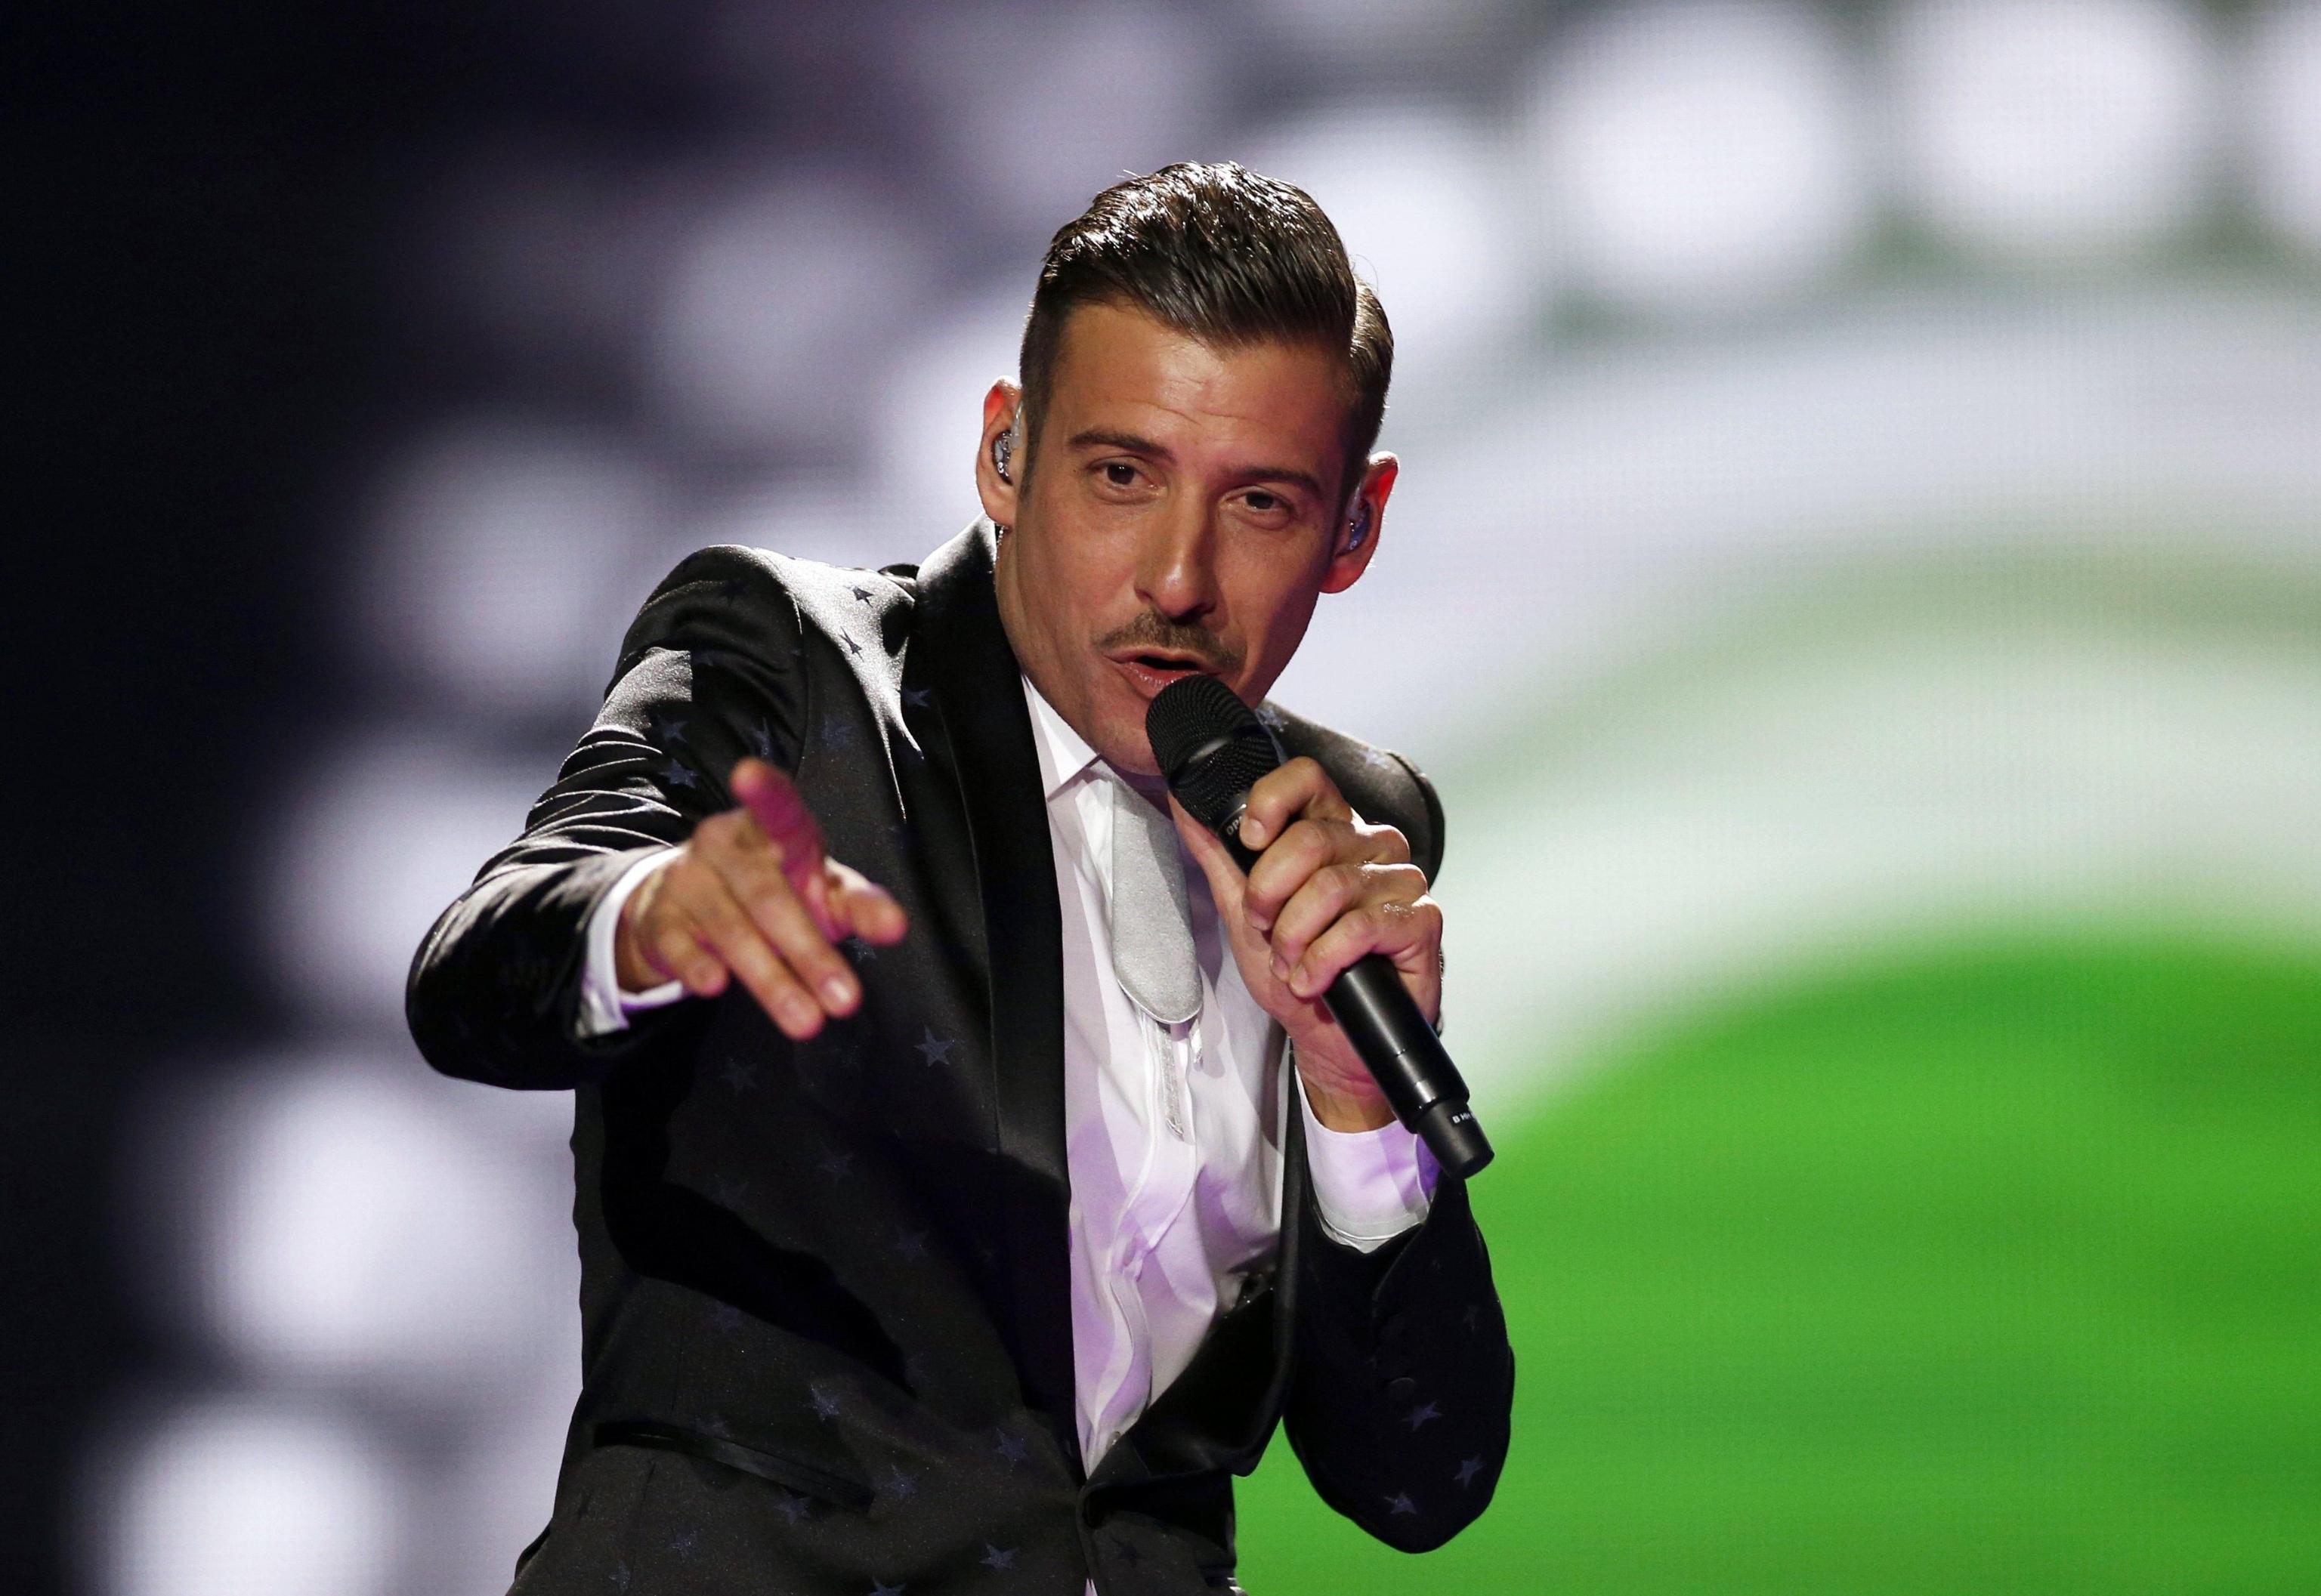 Francesco Gabbani vs. Manuel Agnelli: 'Mi cantate un suo brano?'